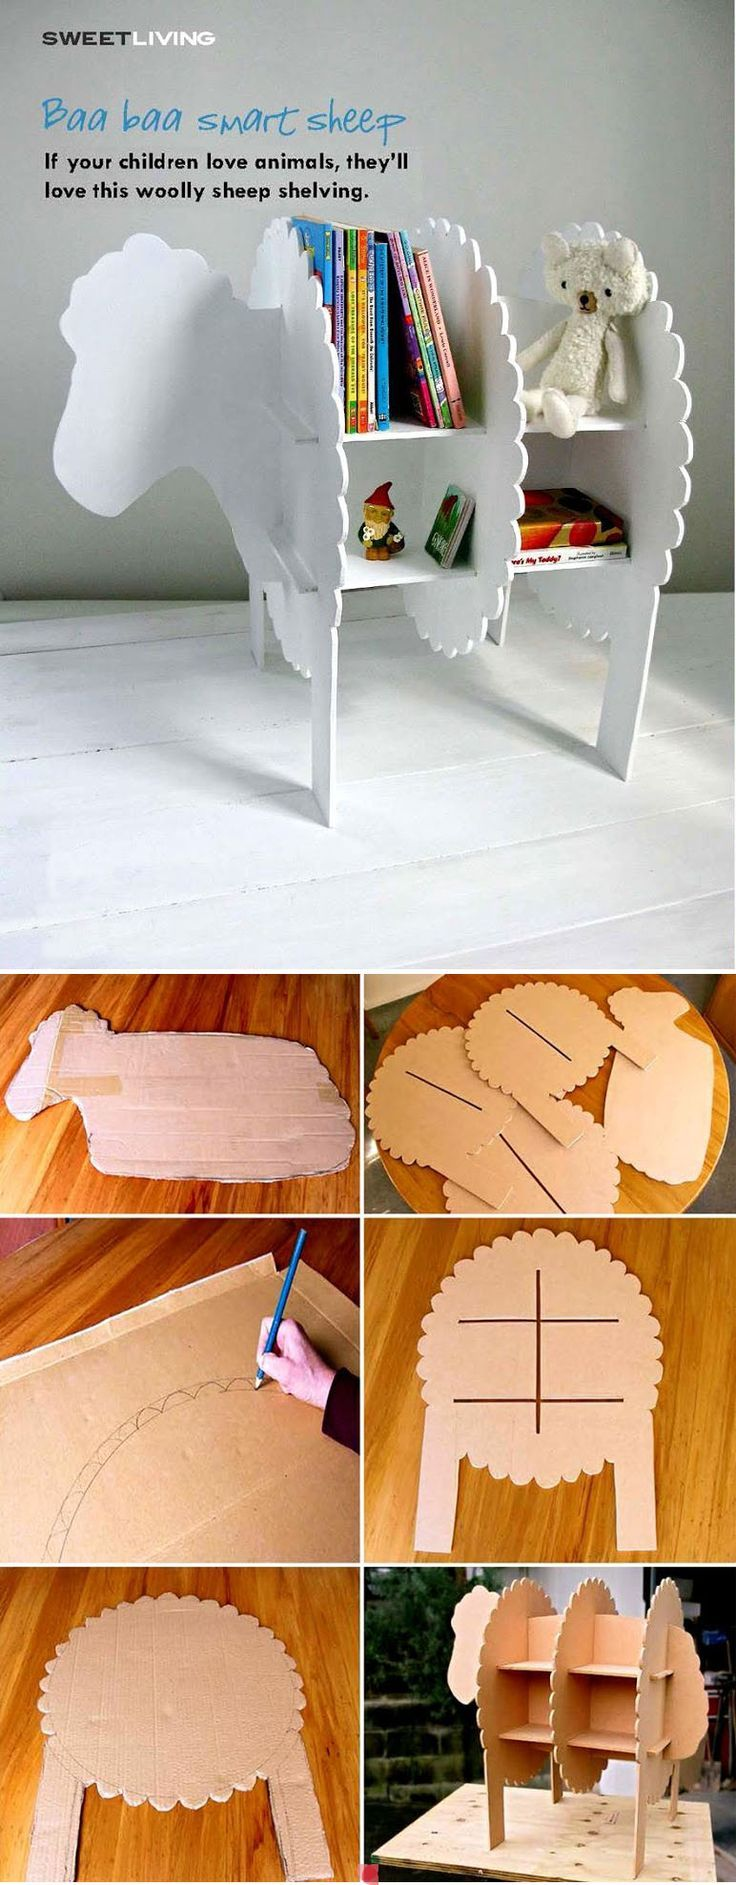 Ecco coe relizzare una bella libreria o un bel scaffale su cui riporre libri ed oggetti.  http://laboratoriperbambini.altervista.org/blog/laboratori-per-bambini-libreria-cartone/